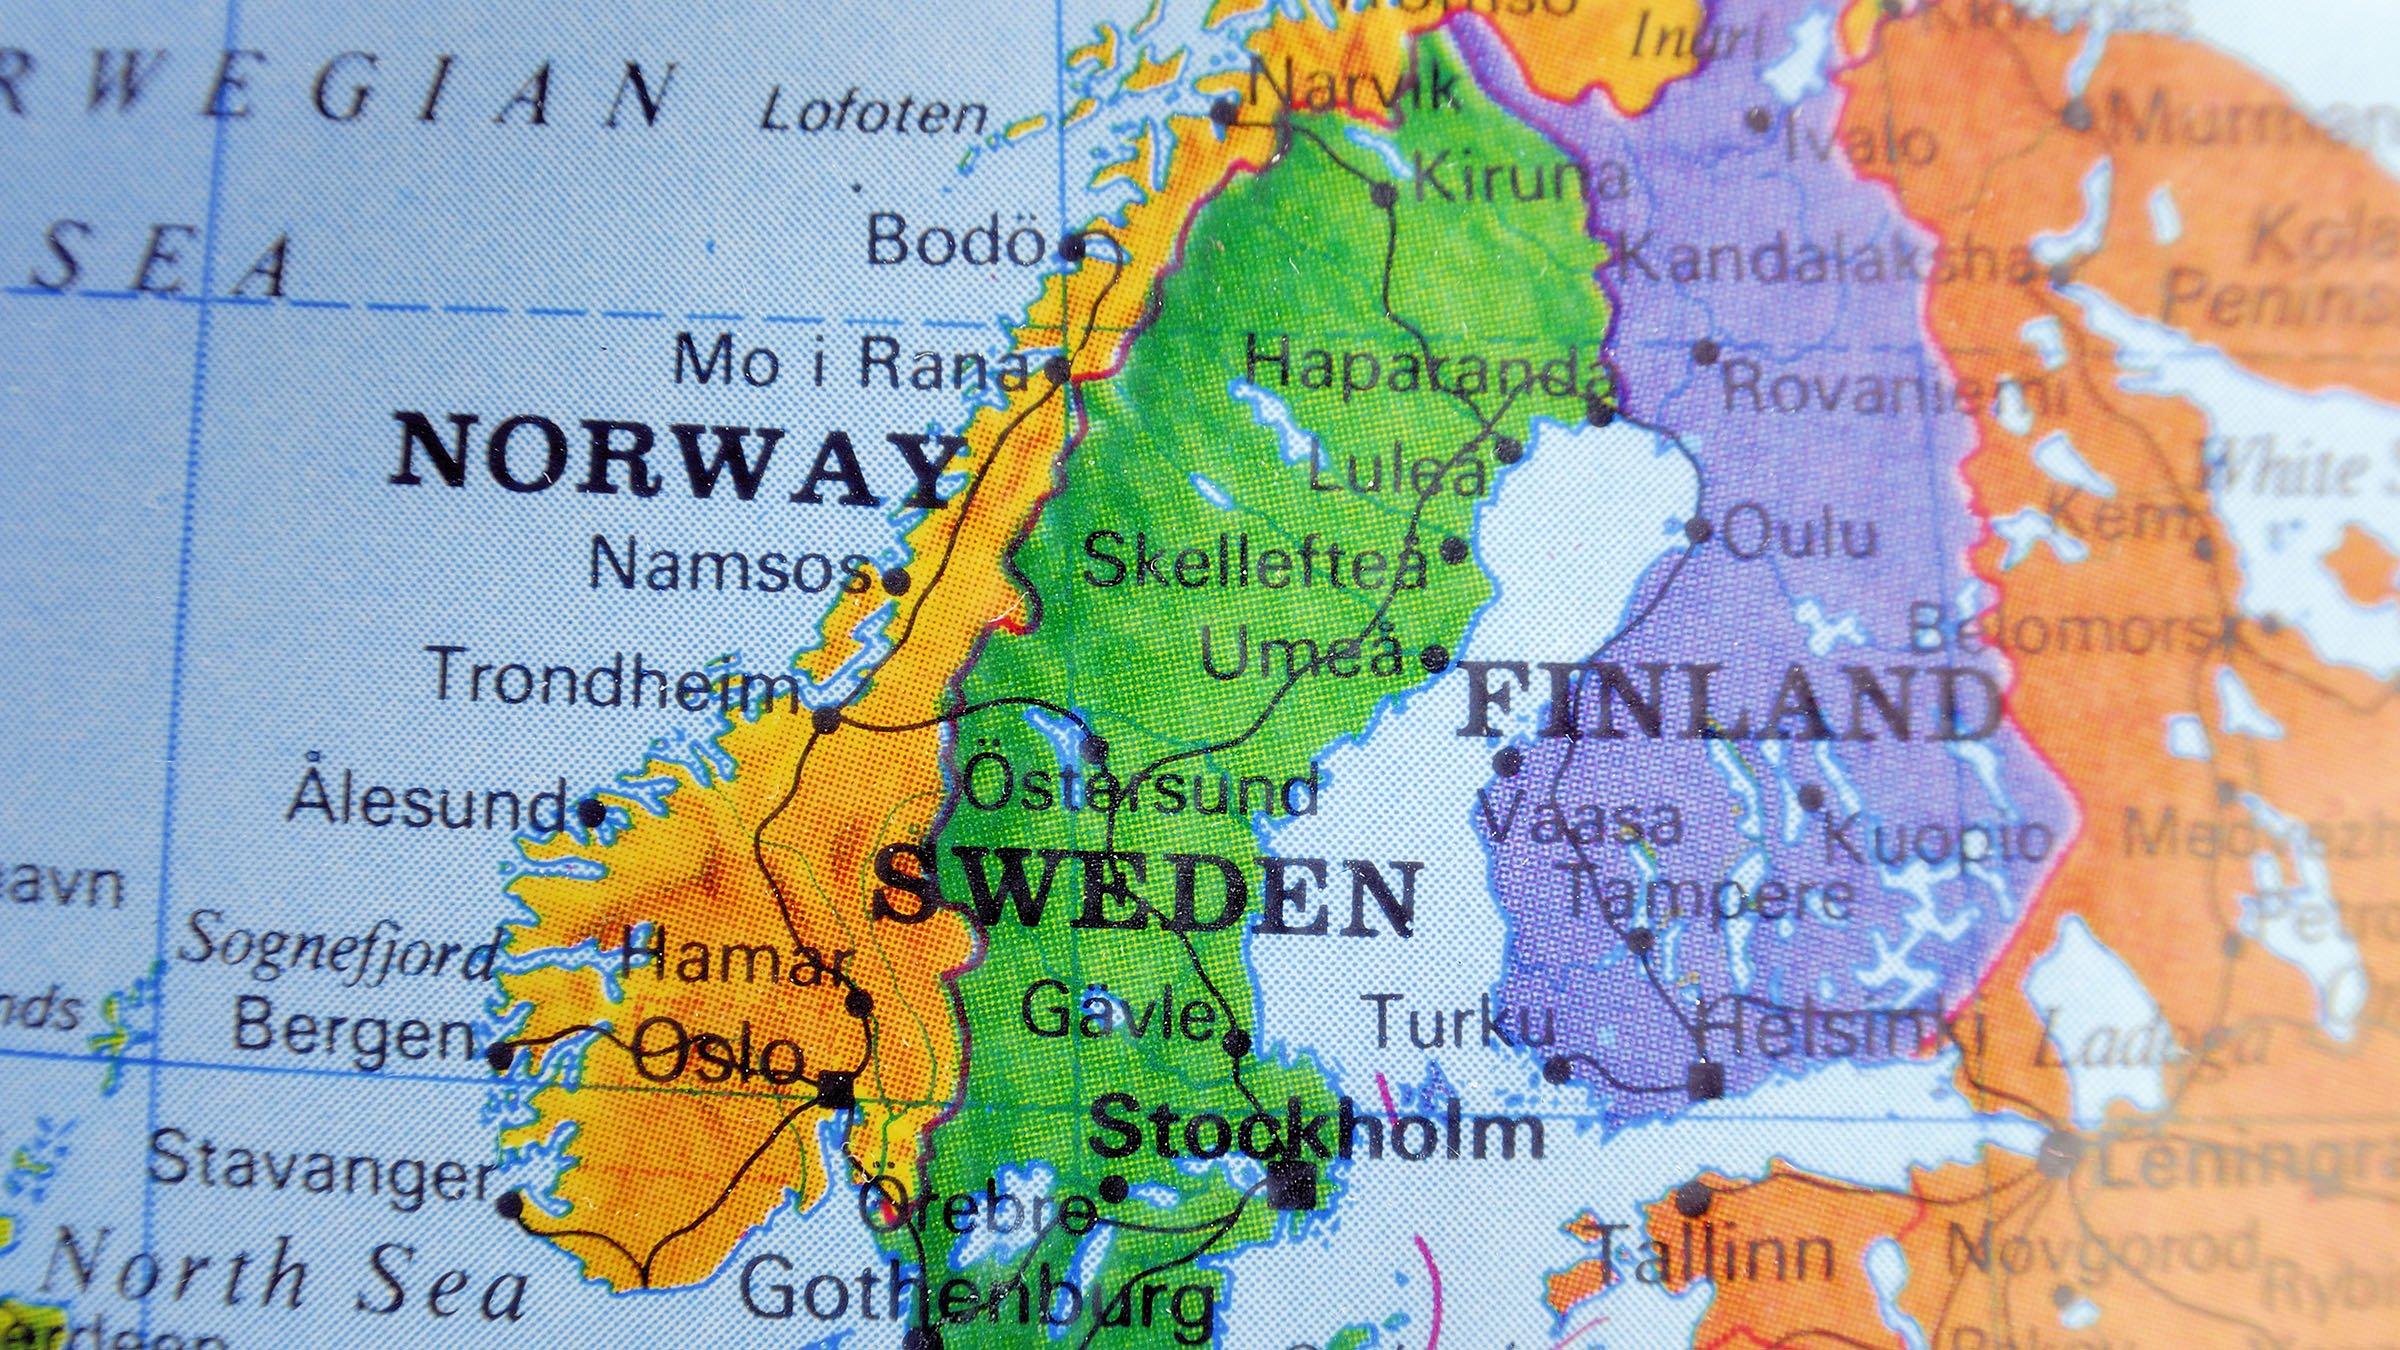 suecia map with Mapas Finlandia on Mapas Del Mundo moreover Split Trogir Y Las Islas De Croacia furthermore Mappa Stoccolma as well Paises Y Capitales De Europa moreover In Dark In Light Snow Run In Stockholm.